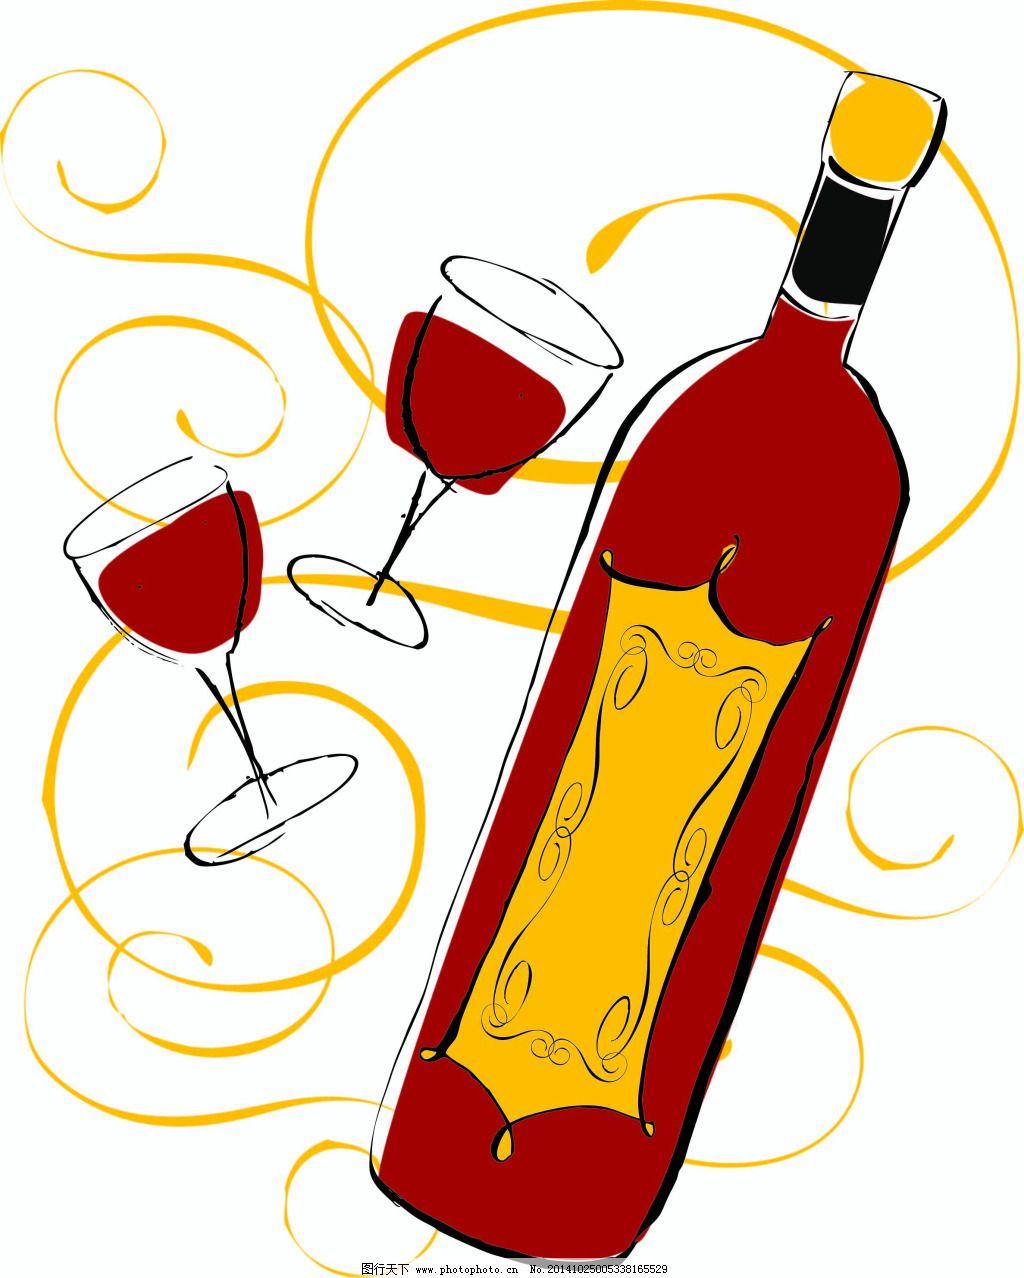 酒杯 卡通杯子 手绘酒瓶 酒杯 卡通杯子 矢量图 广告设计